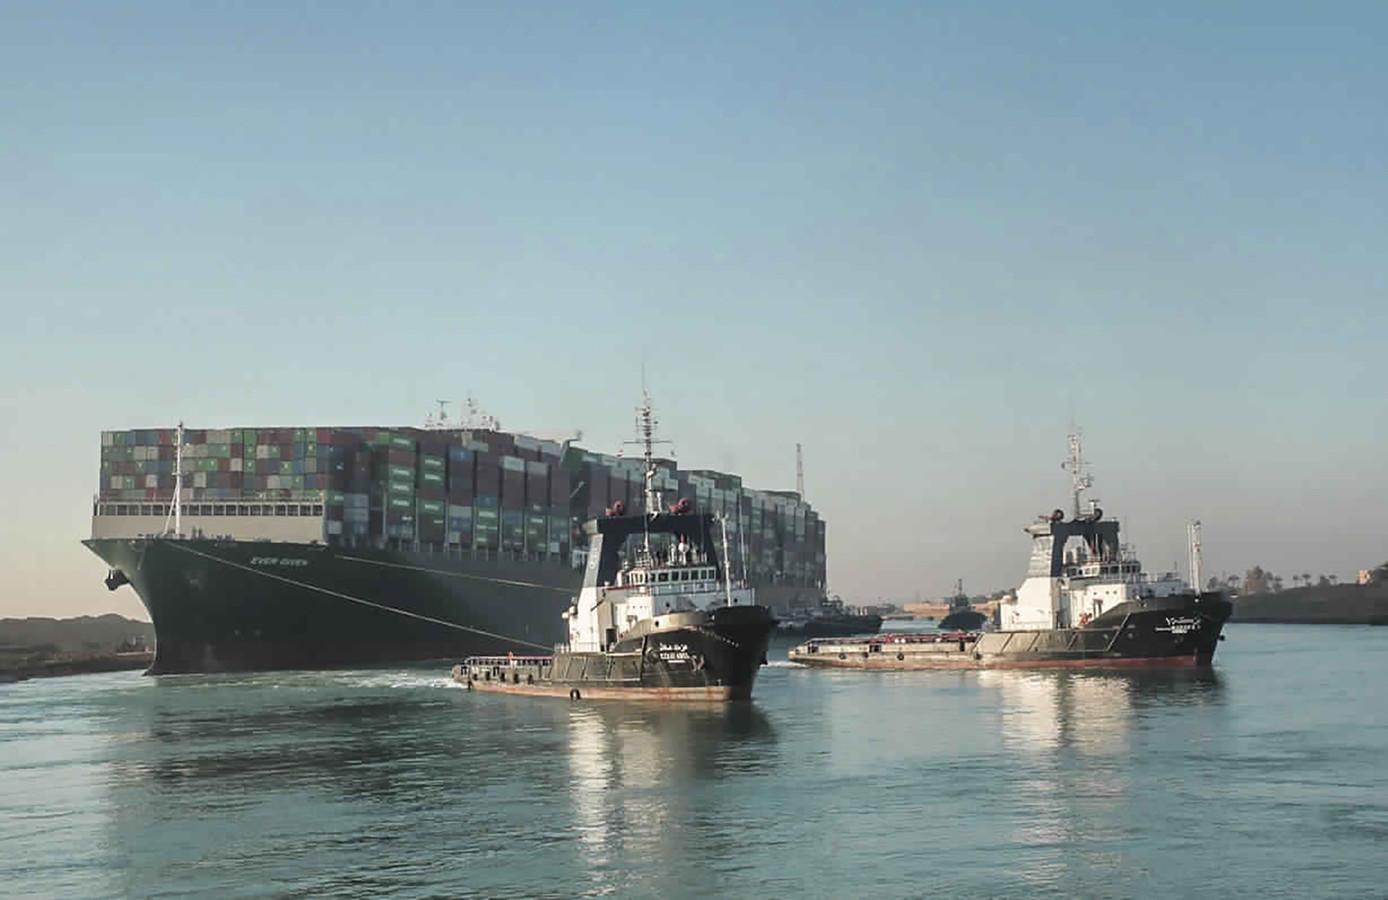 De vastgelopen Ever Given is los en dus kunnen de honderden vrachtschepen aan weerskanten van het Suezkanaal zich opmaken voor een vrije doortocht, al zal het nog wel even duren eer de 'files' zijn opgelost.